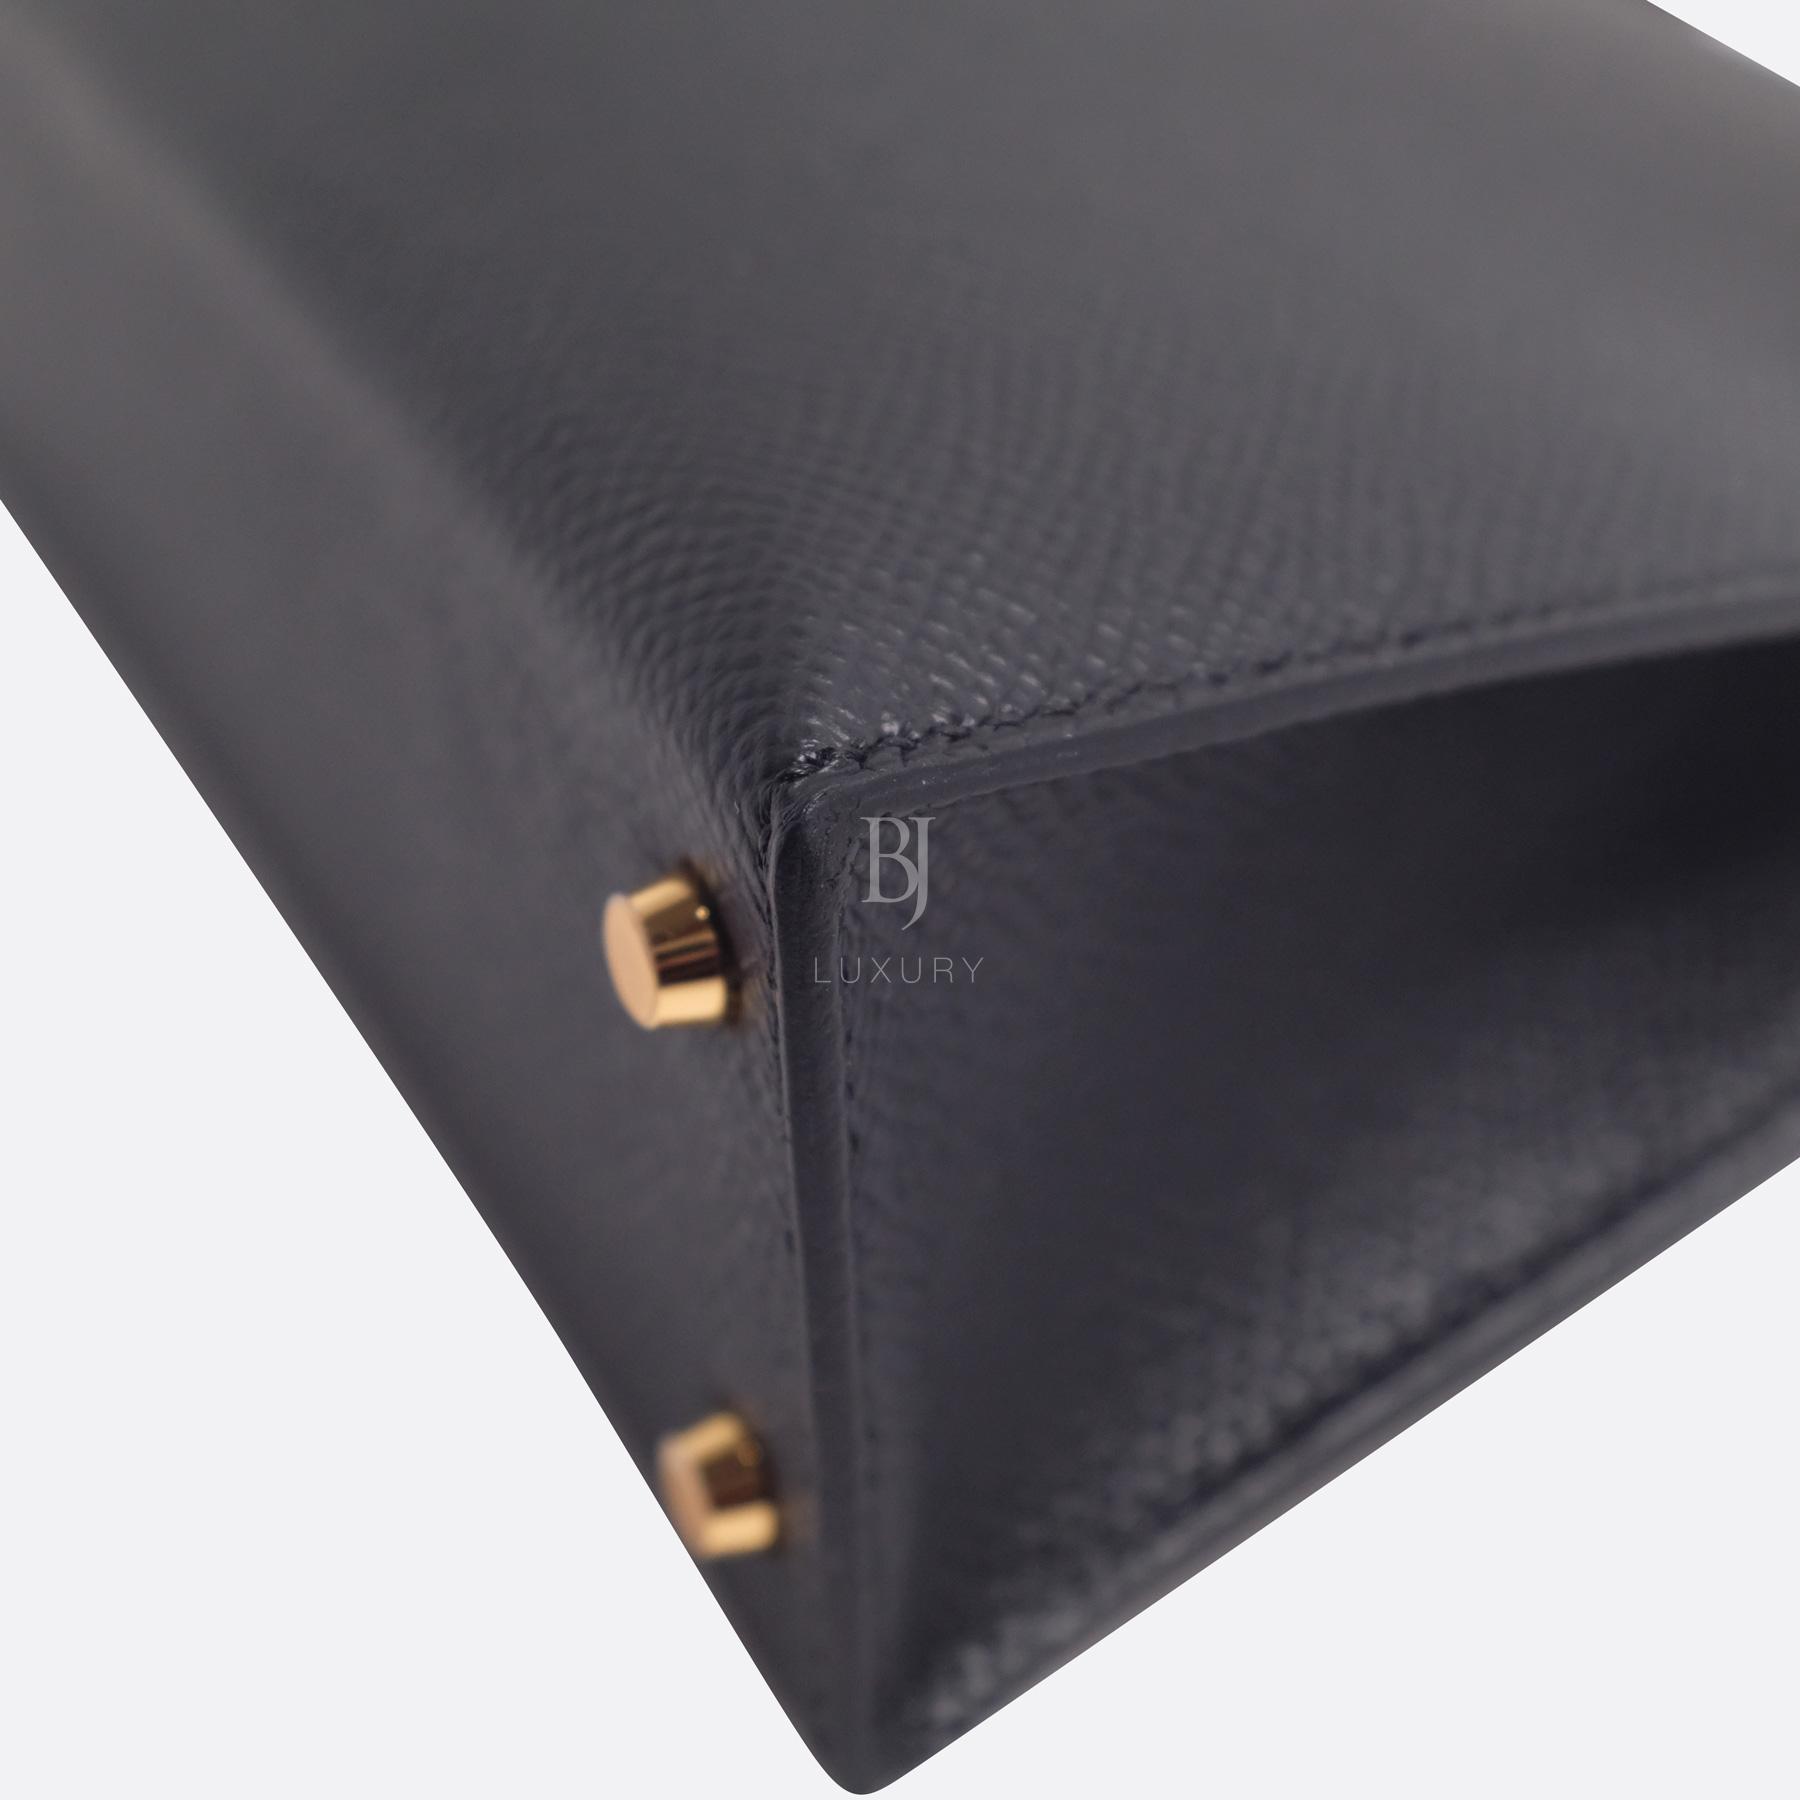 Hermes Kelly Sellier 20 Black Gold Hardware Epsom 10 BJ Luxury.jpg